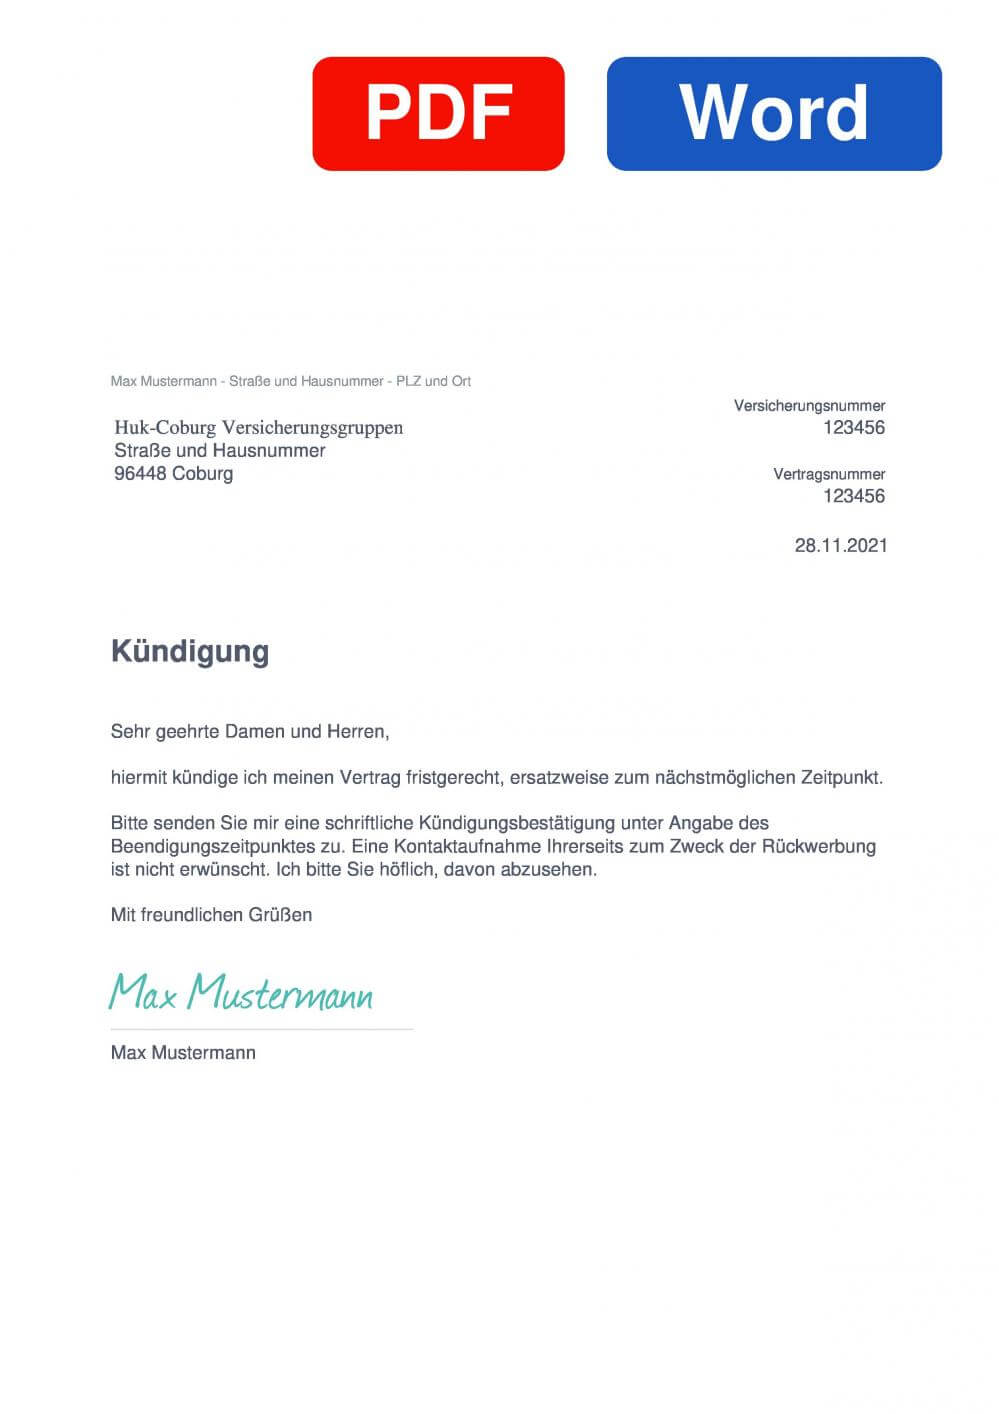 HUK-COBURG Rechtsschutzversicherung Muster Vorlage für Kündigungsschreiben